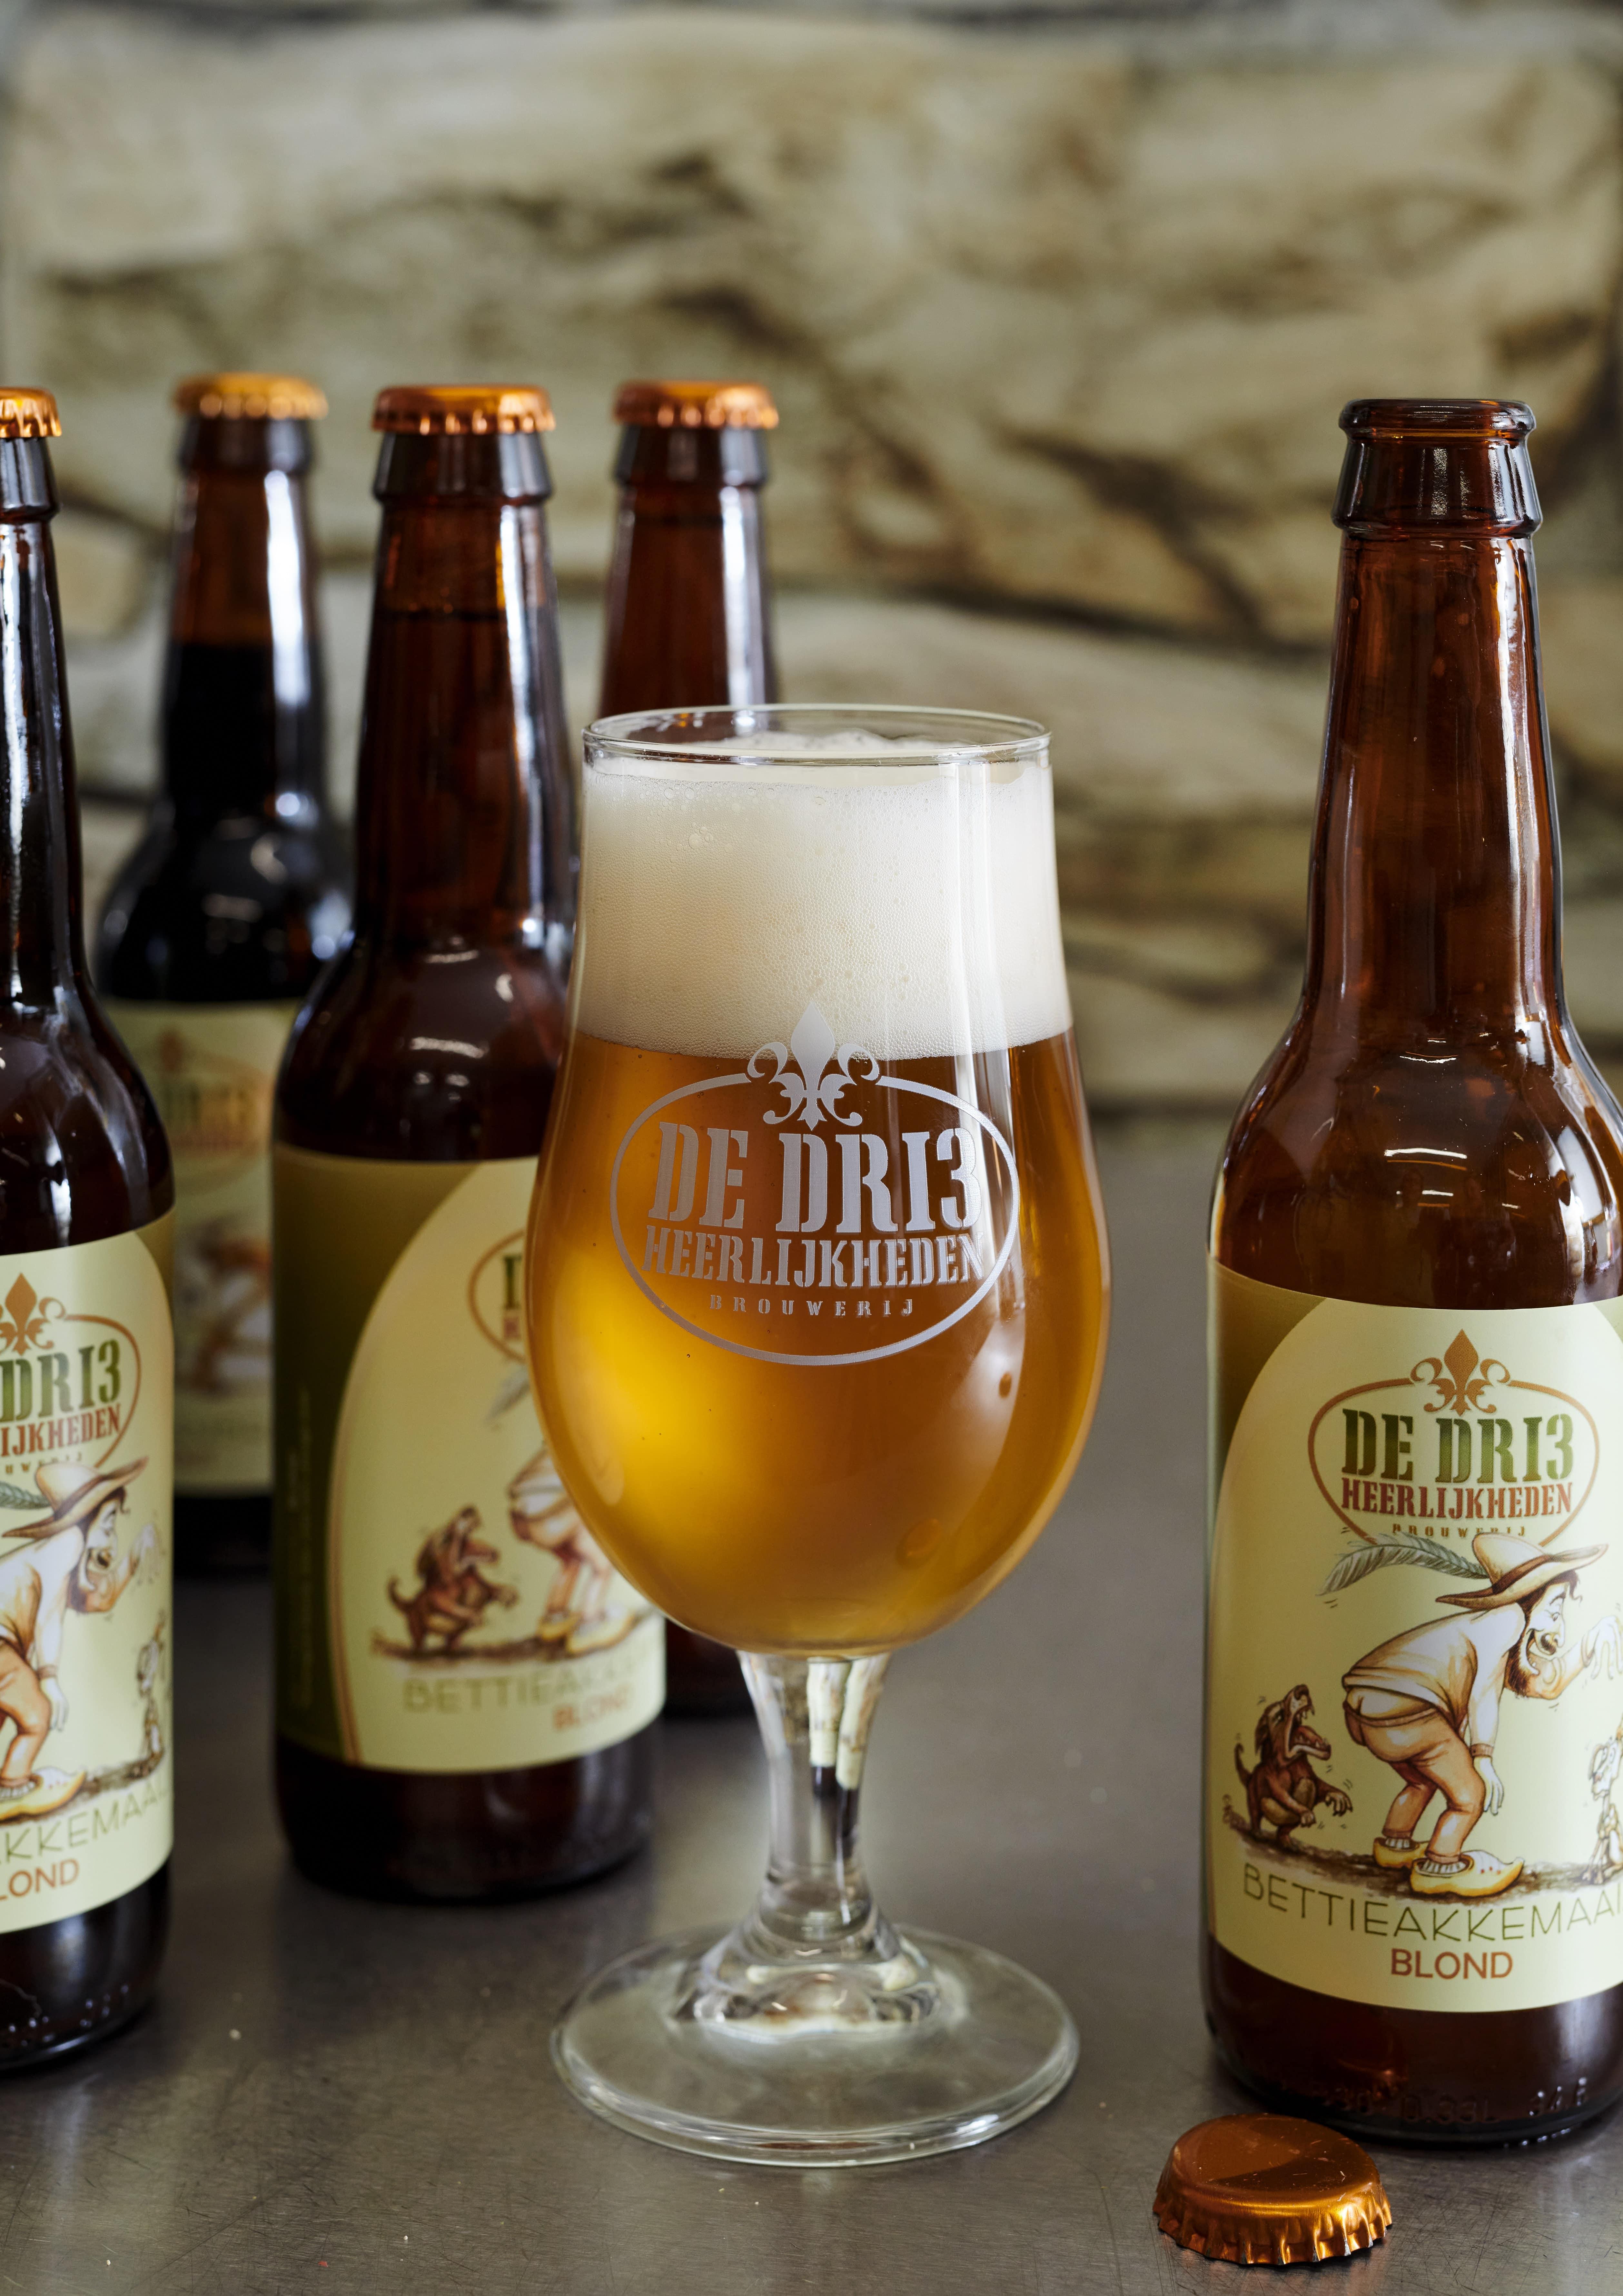 Bier van bierbrouwerij: De Drie heerlijkheden